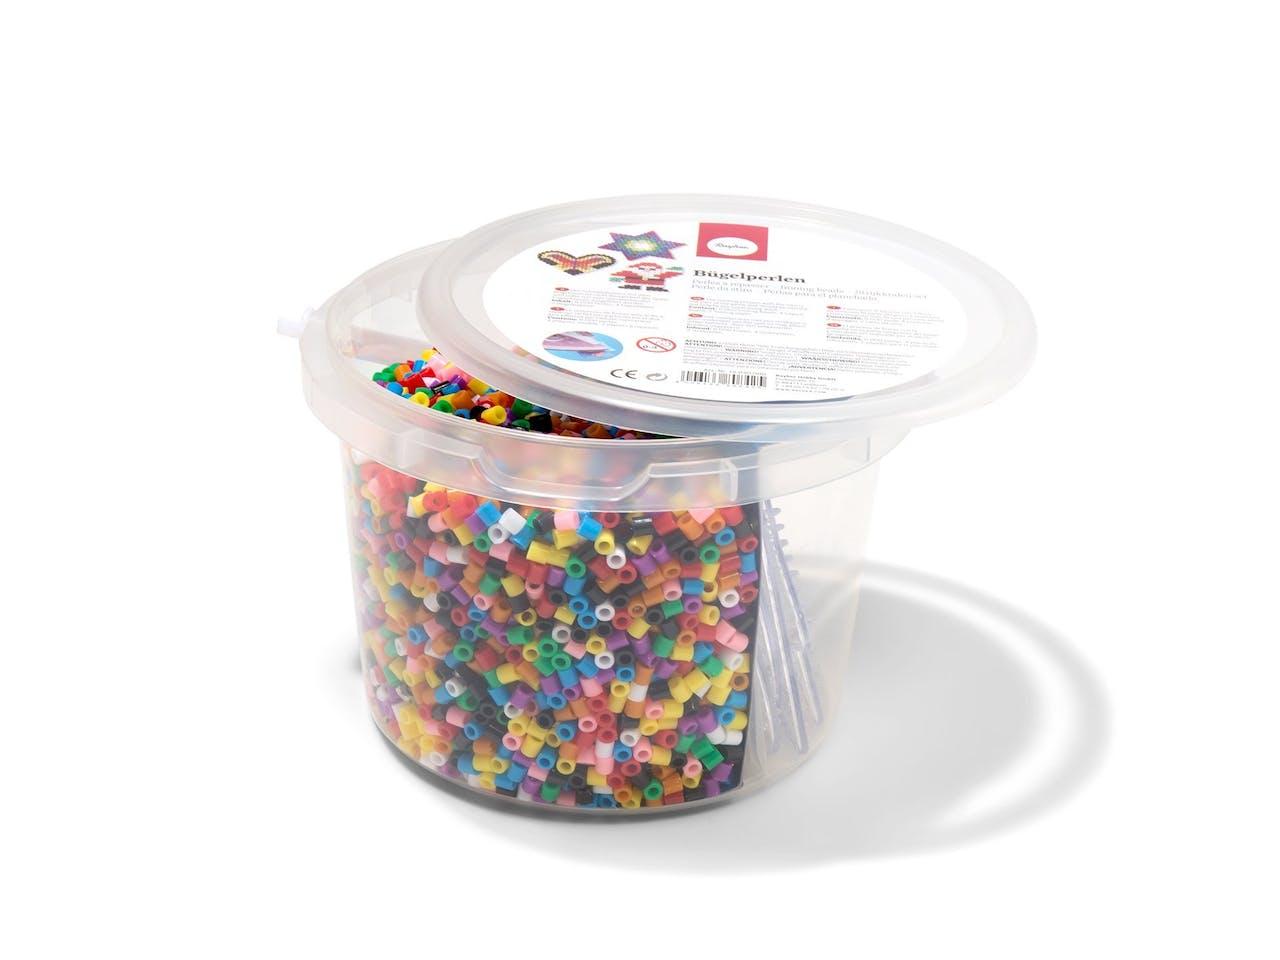 Bügelperlen Set, 6000 Perlen,ø 5mm, 4 Steckformen,Bügelpapier